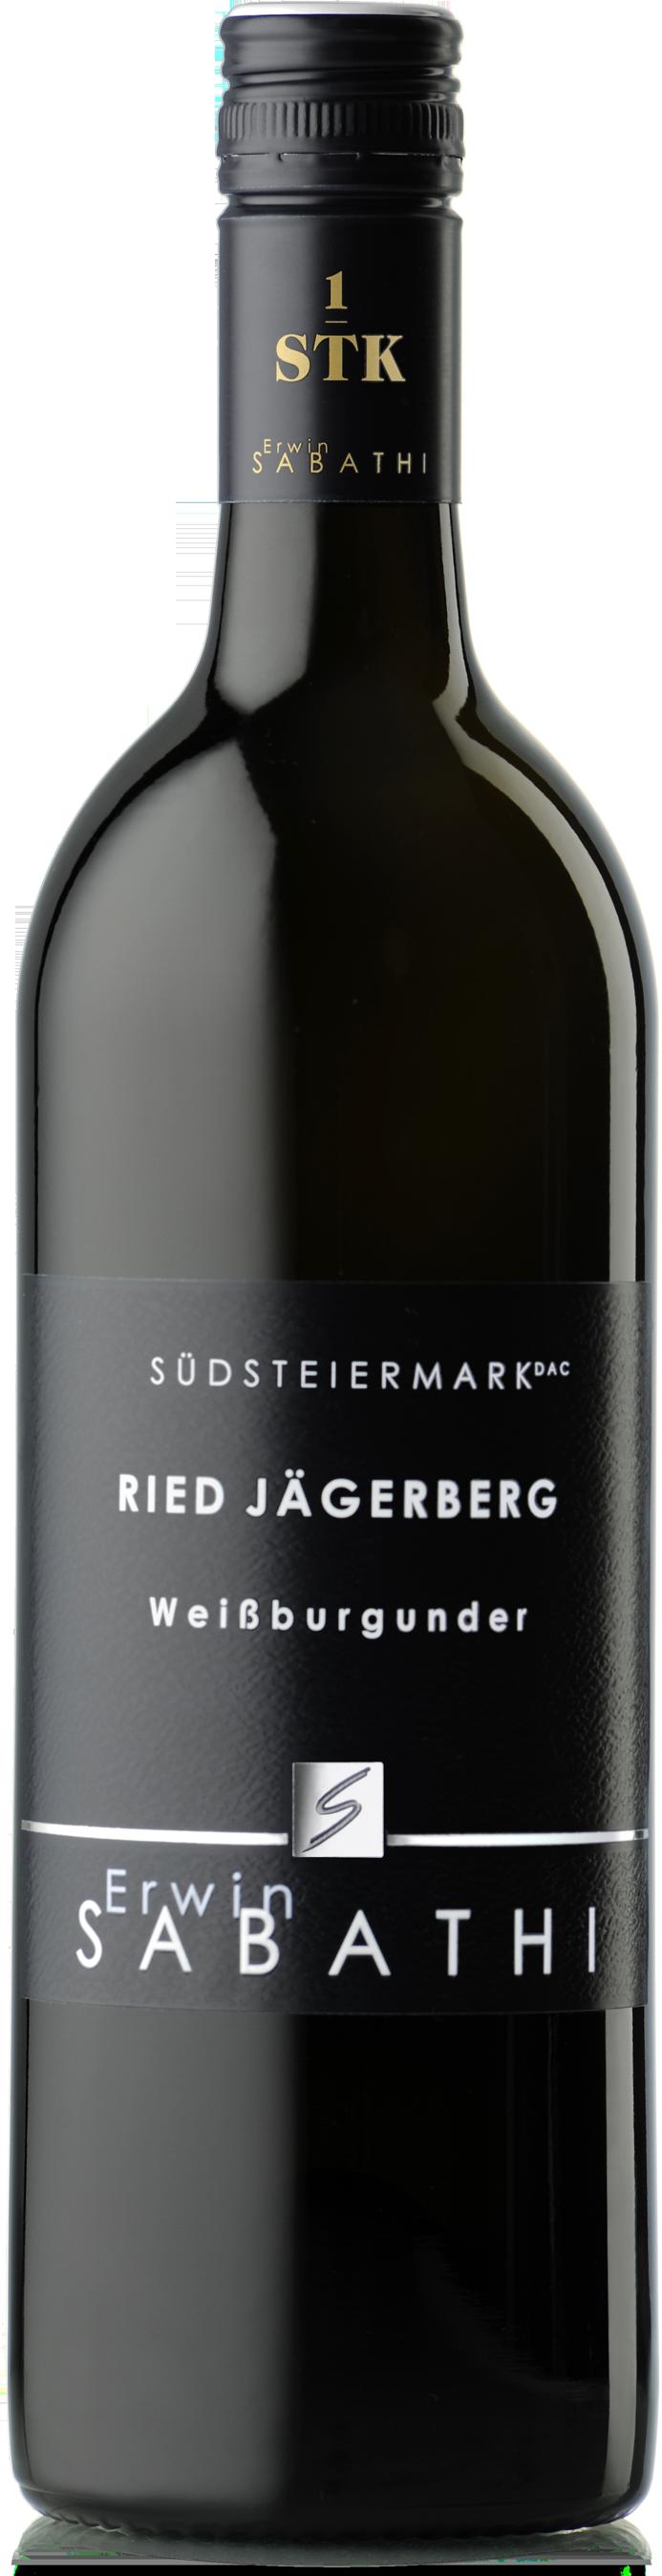 Weißburgunder Ried Jägerberg 1STK